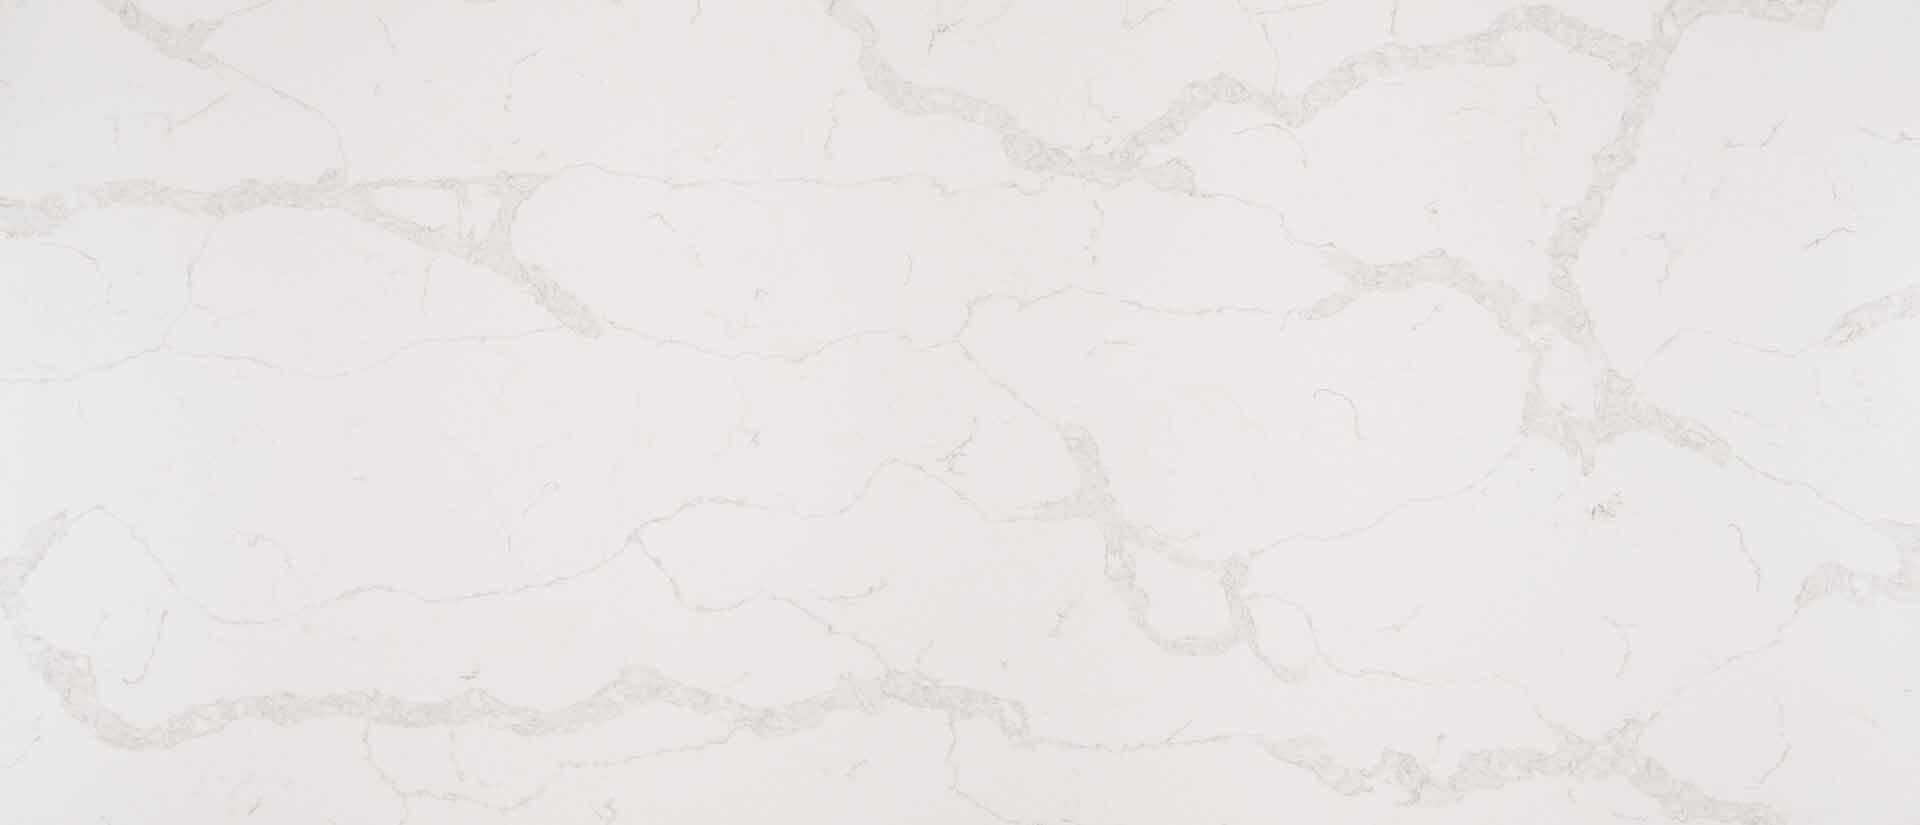 Best Calacatta Verona Quartz Quartz Countertops Calacatta 400 x 300